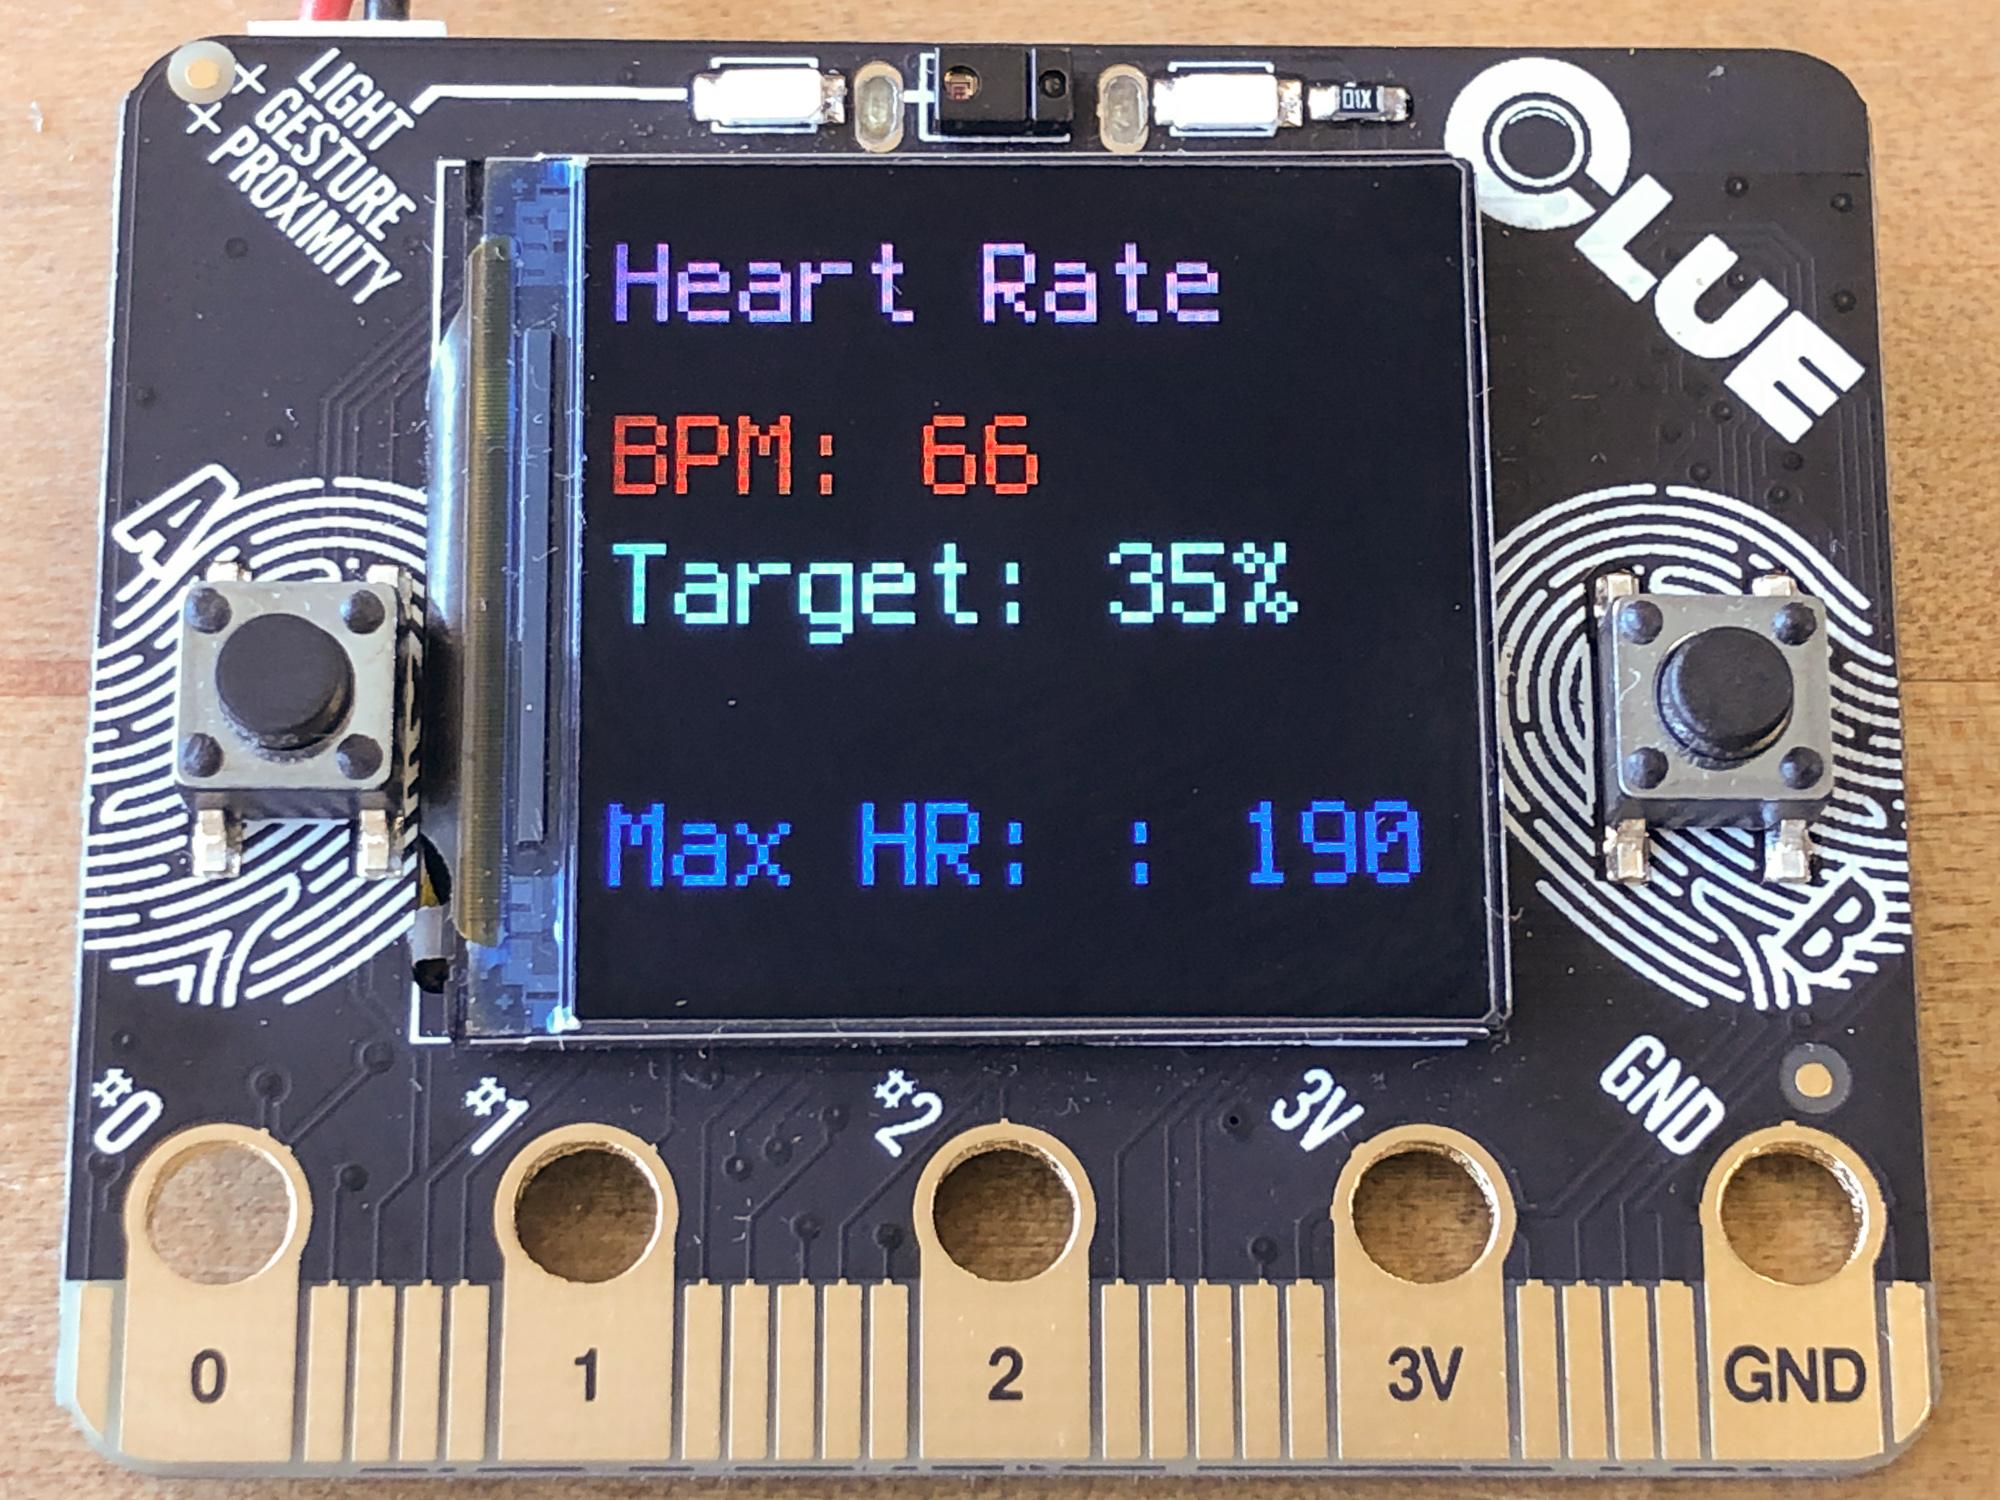 sensors_clue_hr-19.jpg